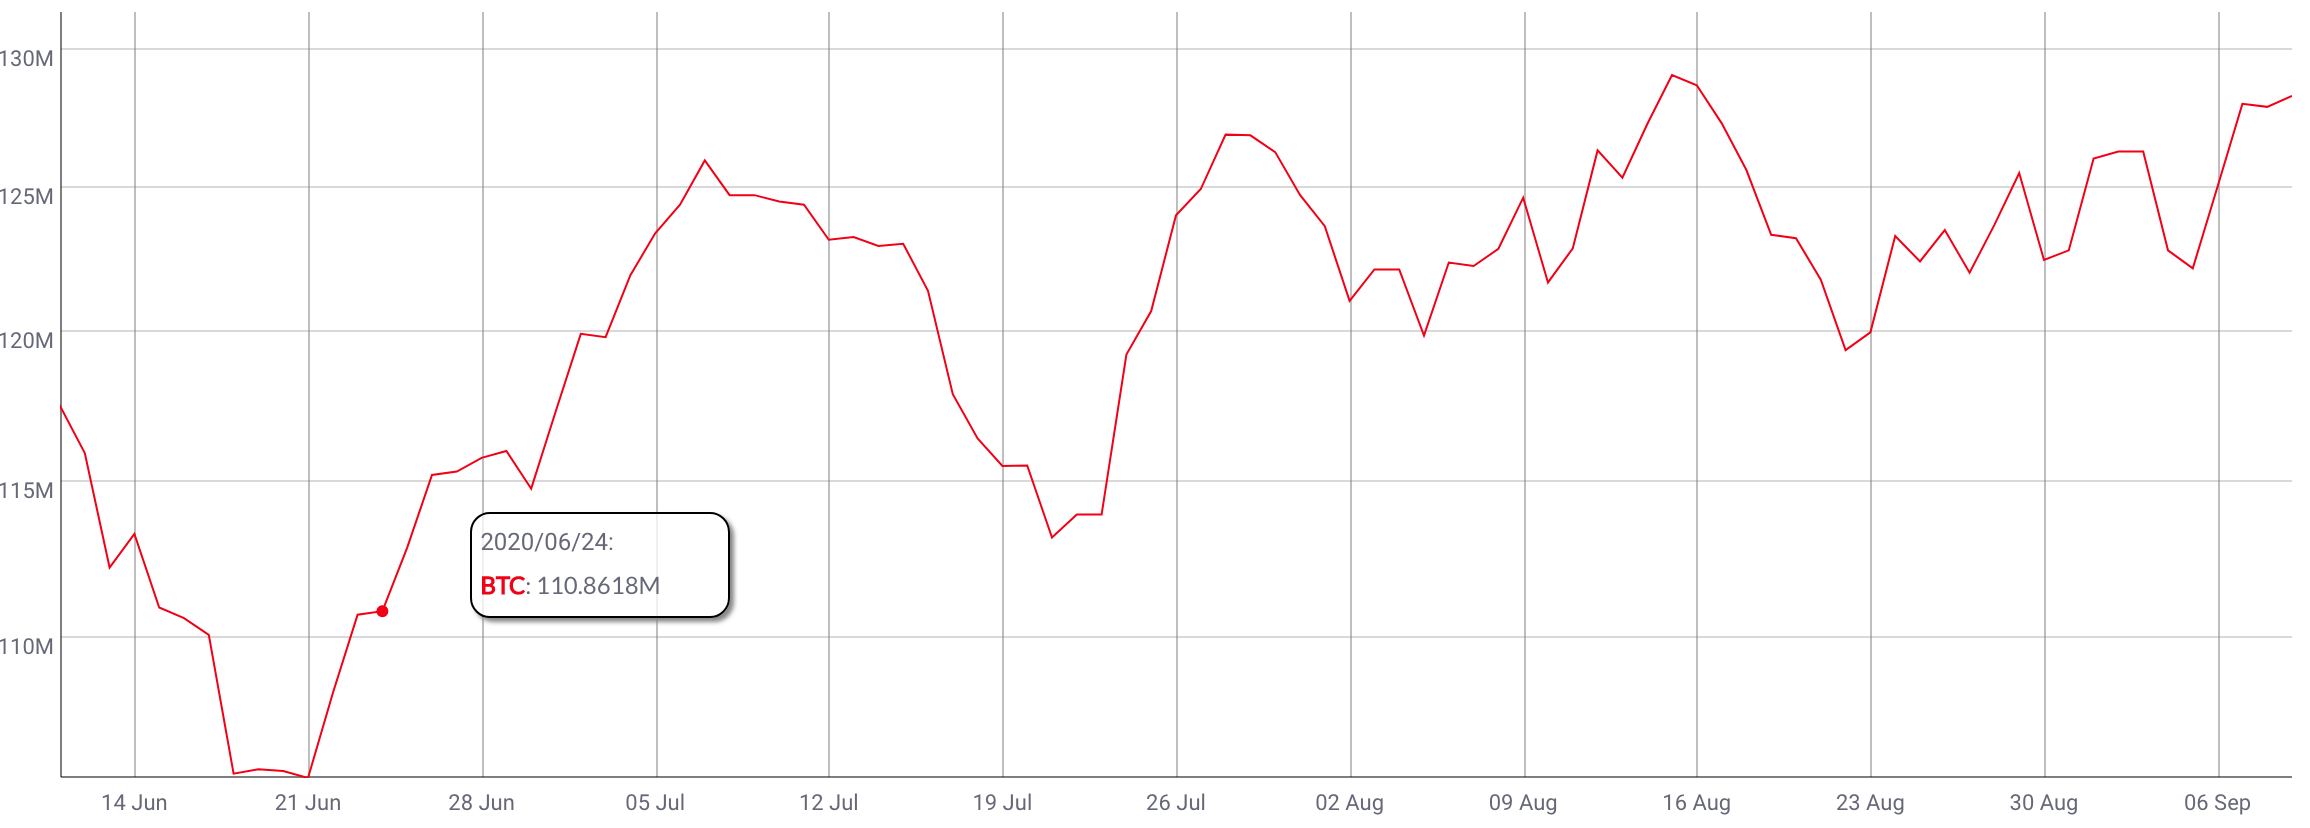 Bitcoin hashrate remains strong during monsoon season